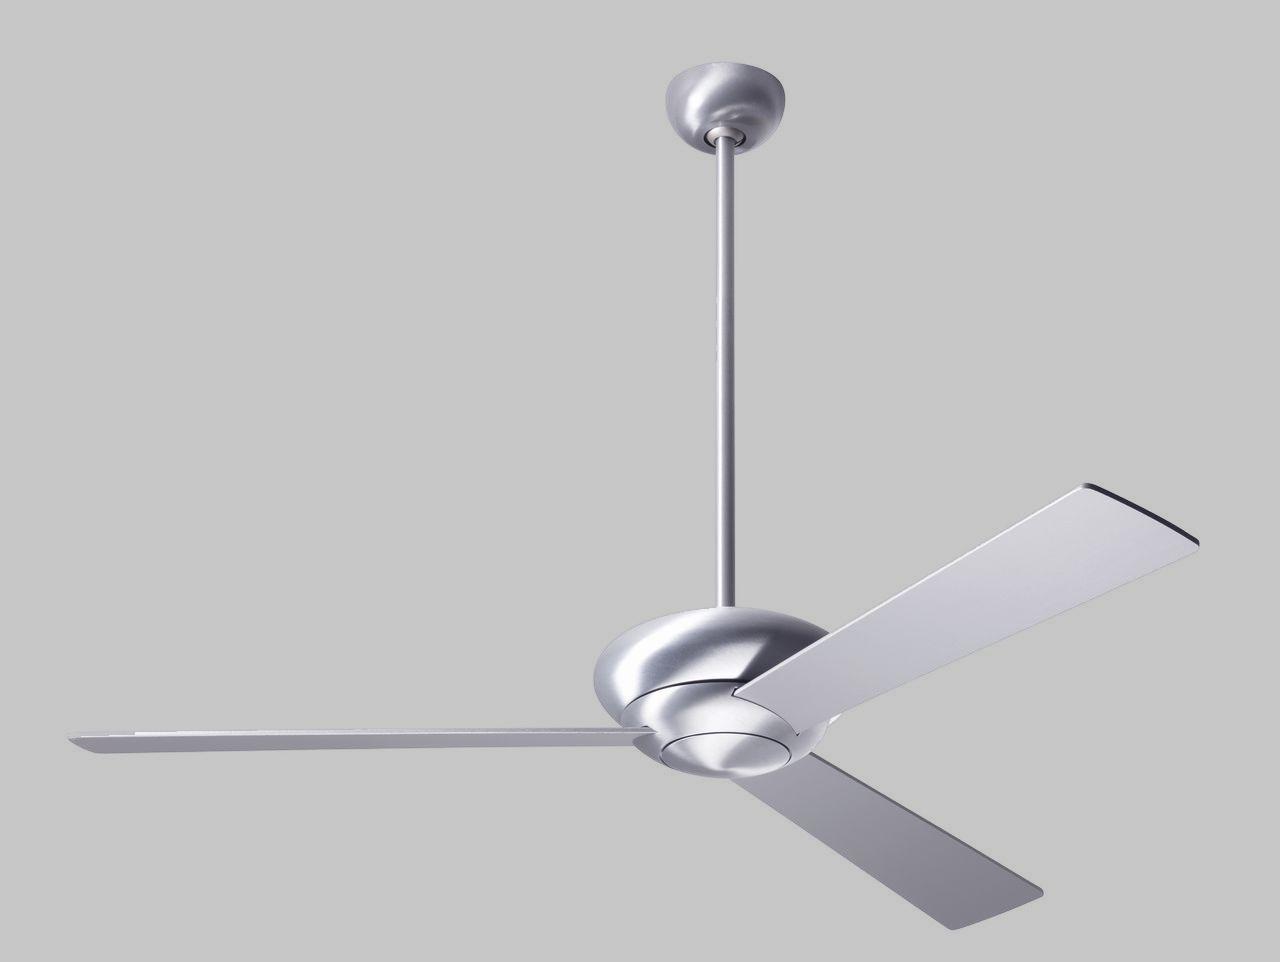 Ventilador de techo Altus - Aluminio cepillado y aspas aluminio sin luz